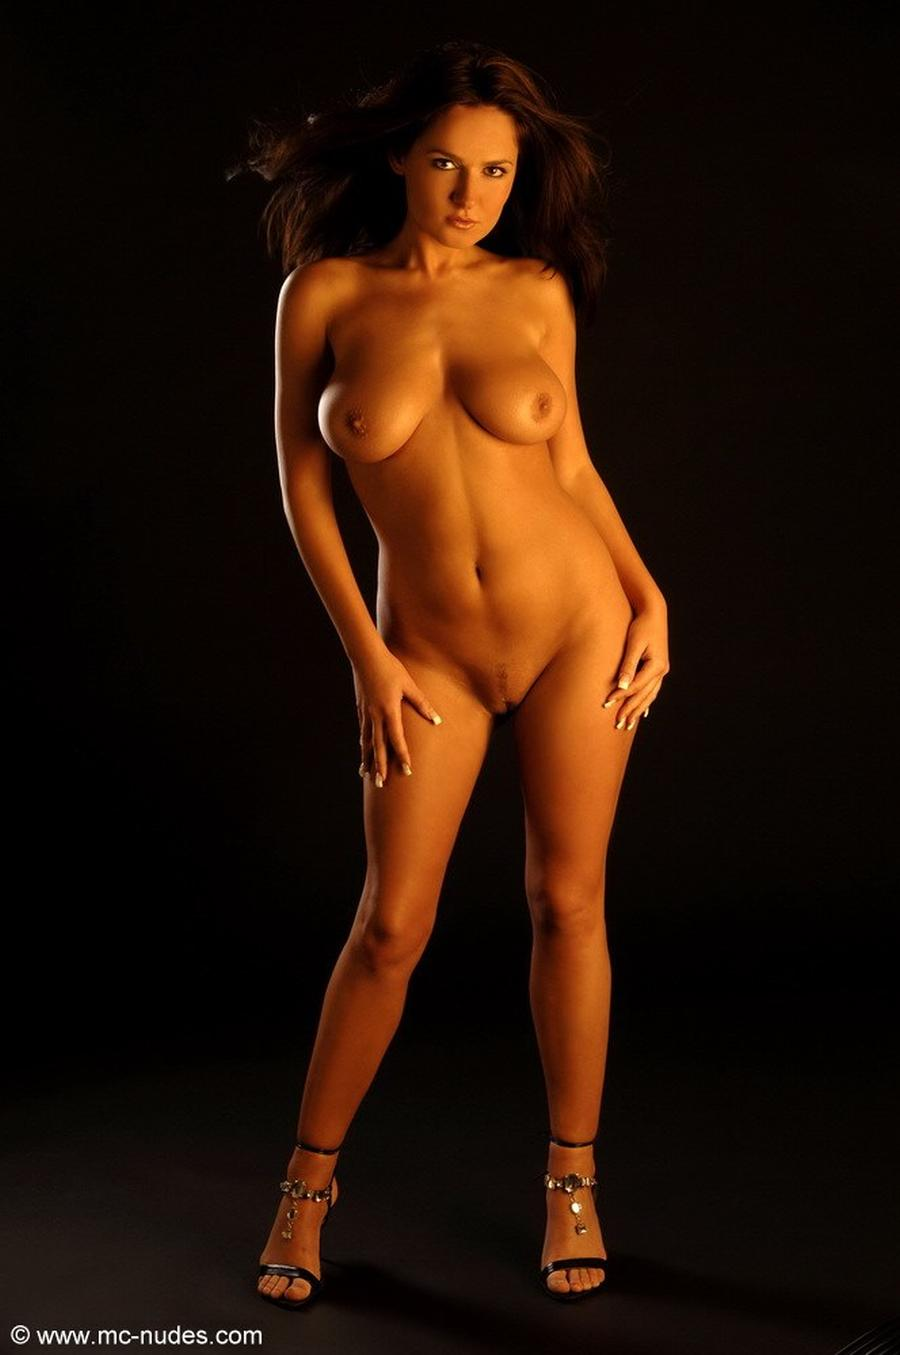 eve-is-helemaal-naakt-erotische-fotografie-02